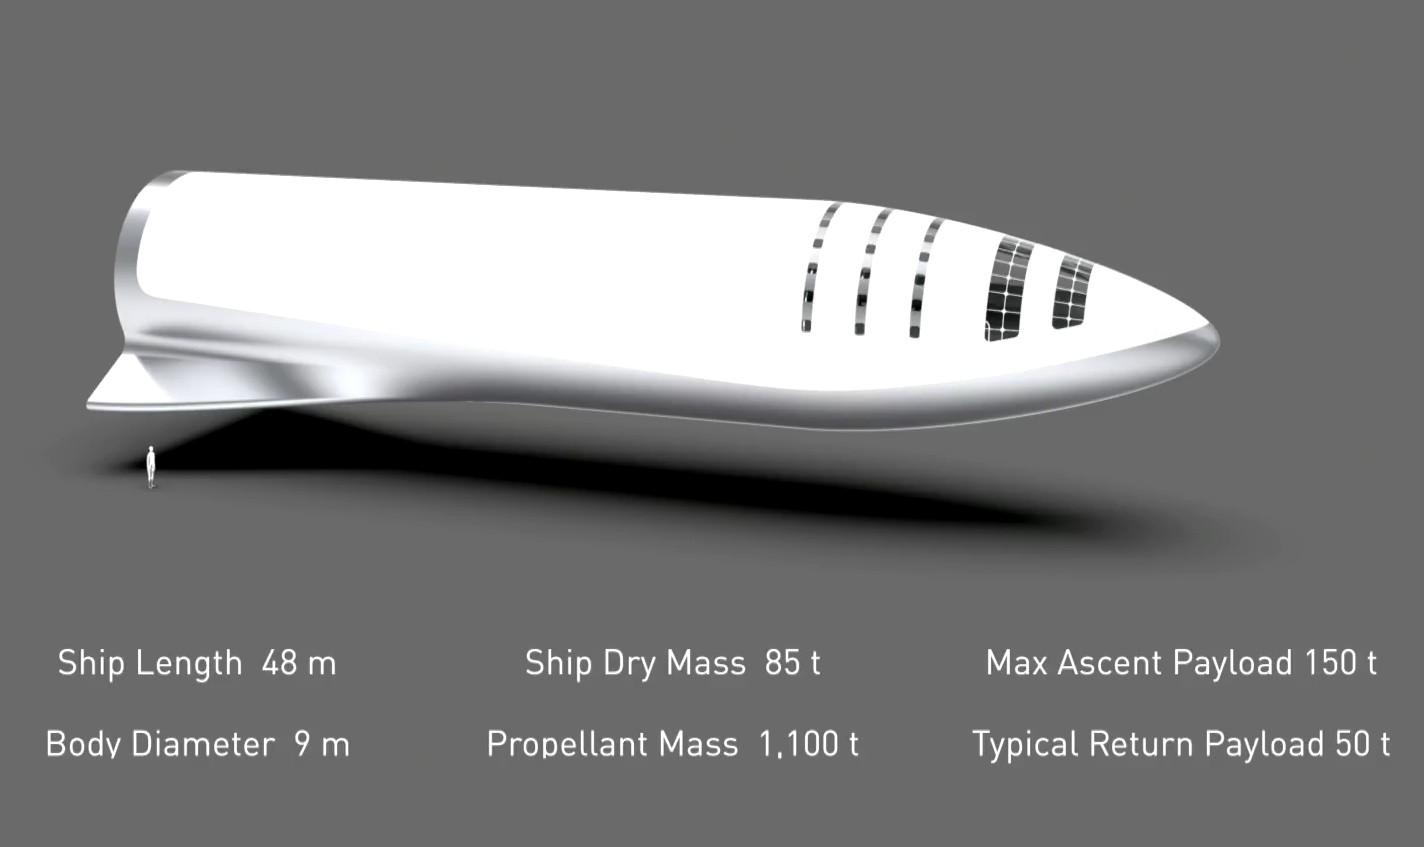 Илон Маск представил гигантскую ракету BFR и описал план марсианского города - 1